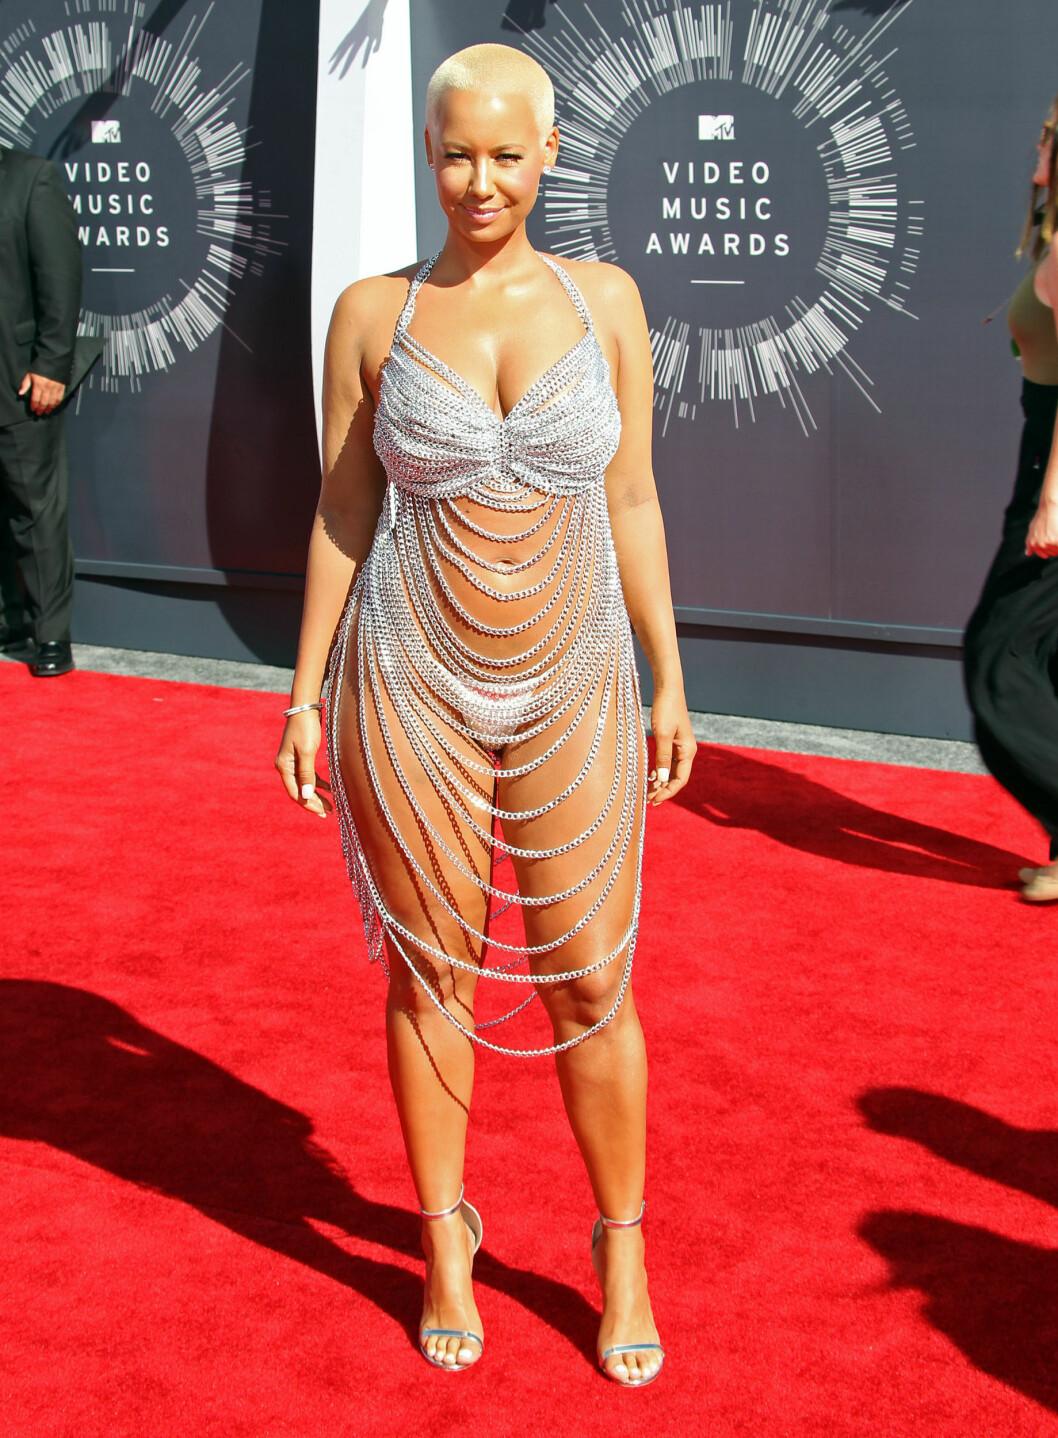 <strong>MENINGSLØST:</strong> Amber Rose er nok mest kjent for sine forholdt til rapperne Wiz Khalifa og Kanye West, men sørget for å bli en snakkis i denne ikke-kjolen på MTV Video Music Awards - og fikk terningkast to. Foto: Stella Pictures